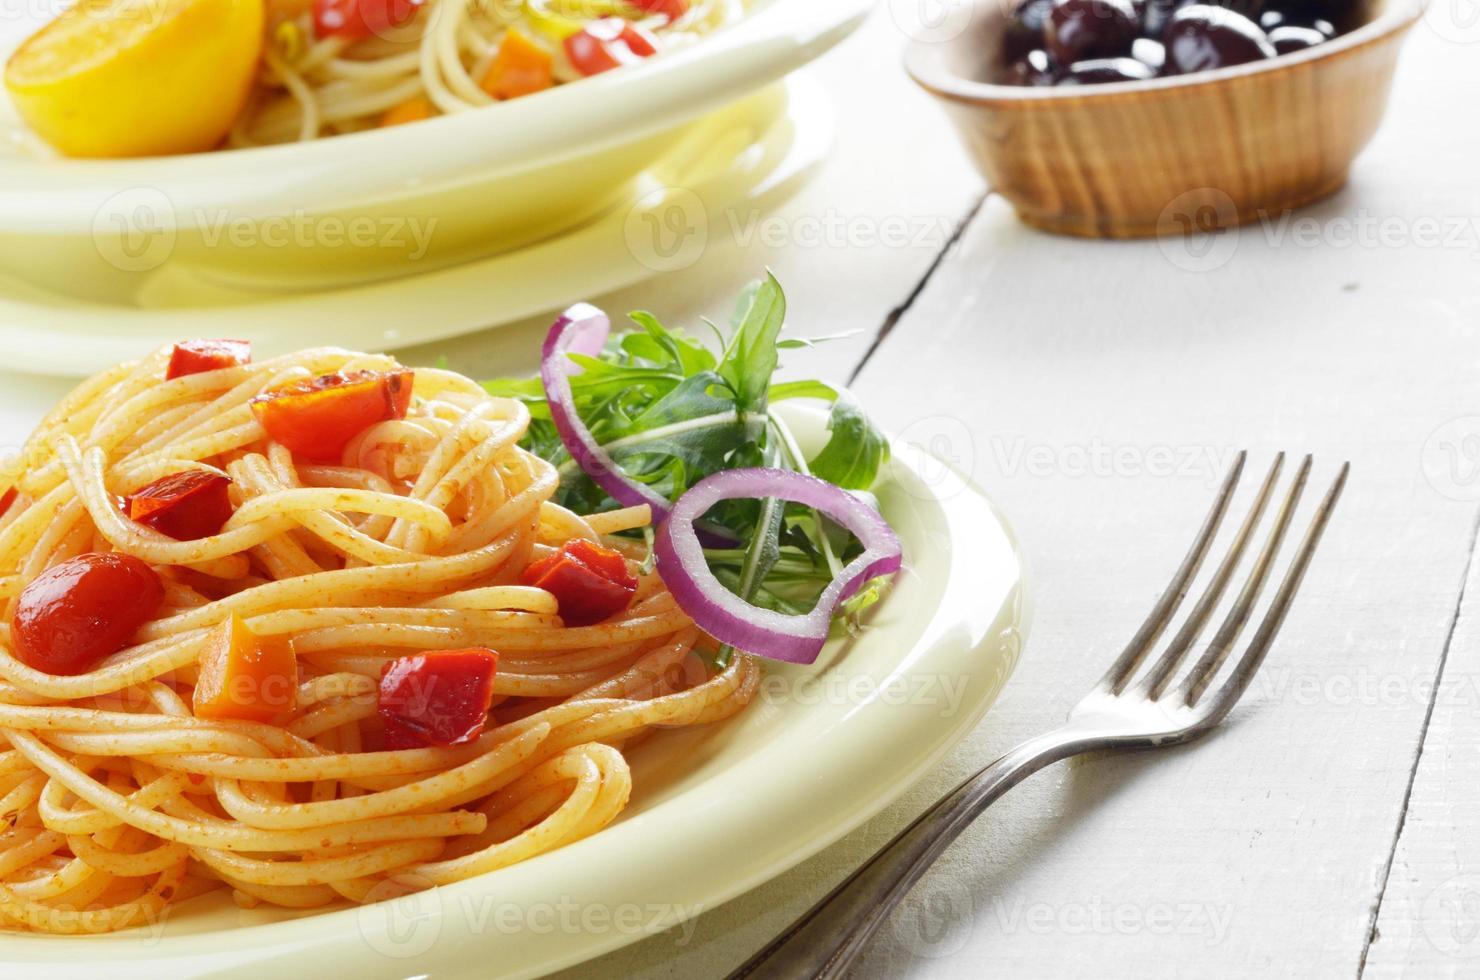 ensalada de pasta spaghetti marinara foto